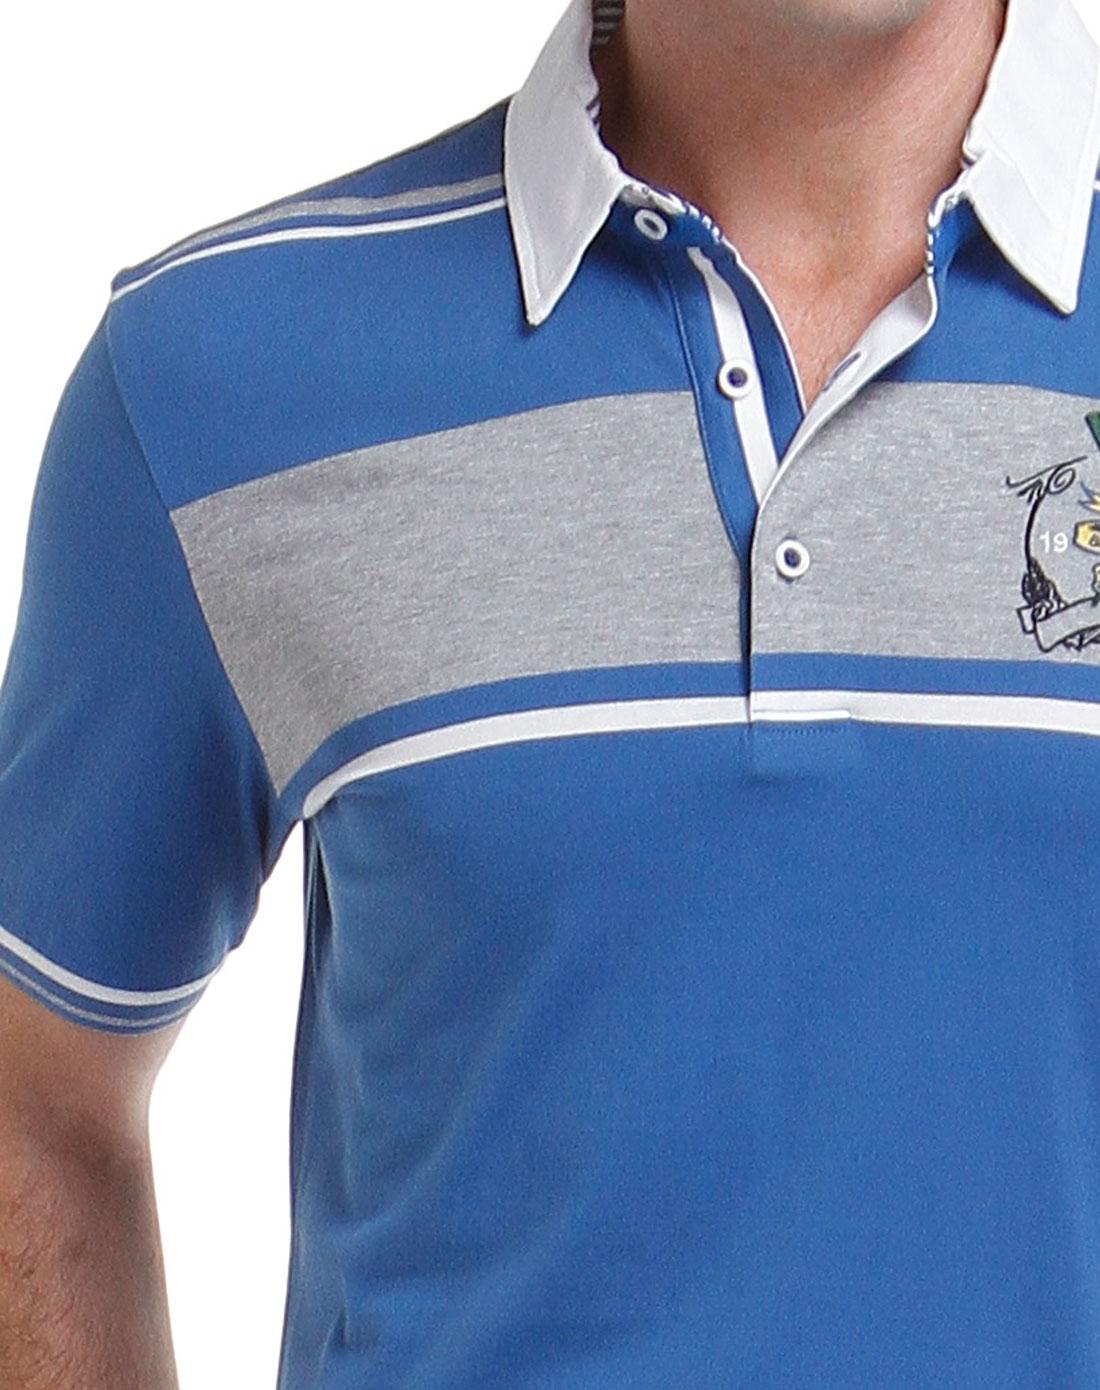 蓝色刺绣图标拼接短袖t恤